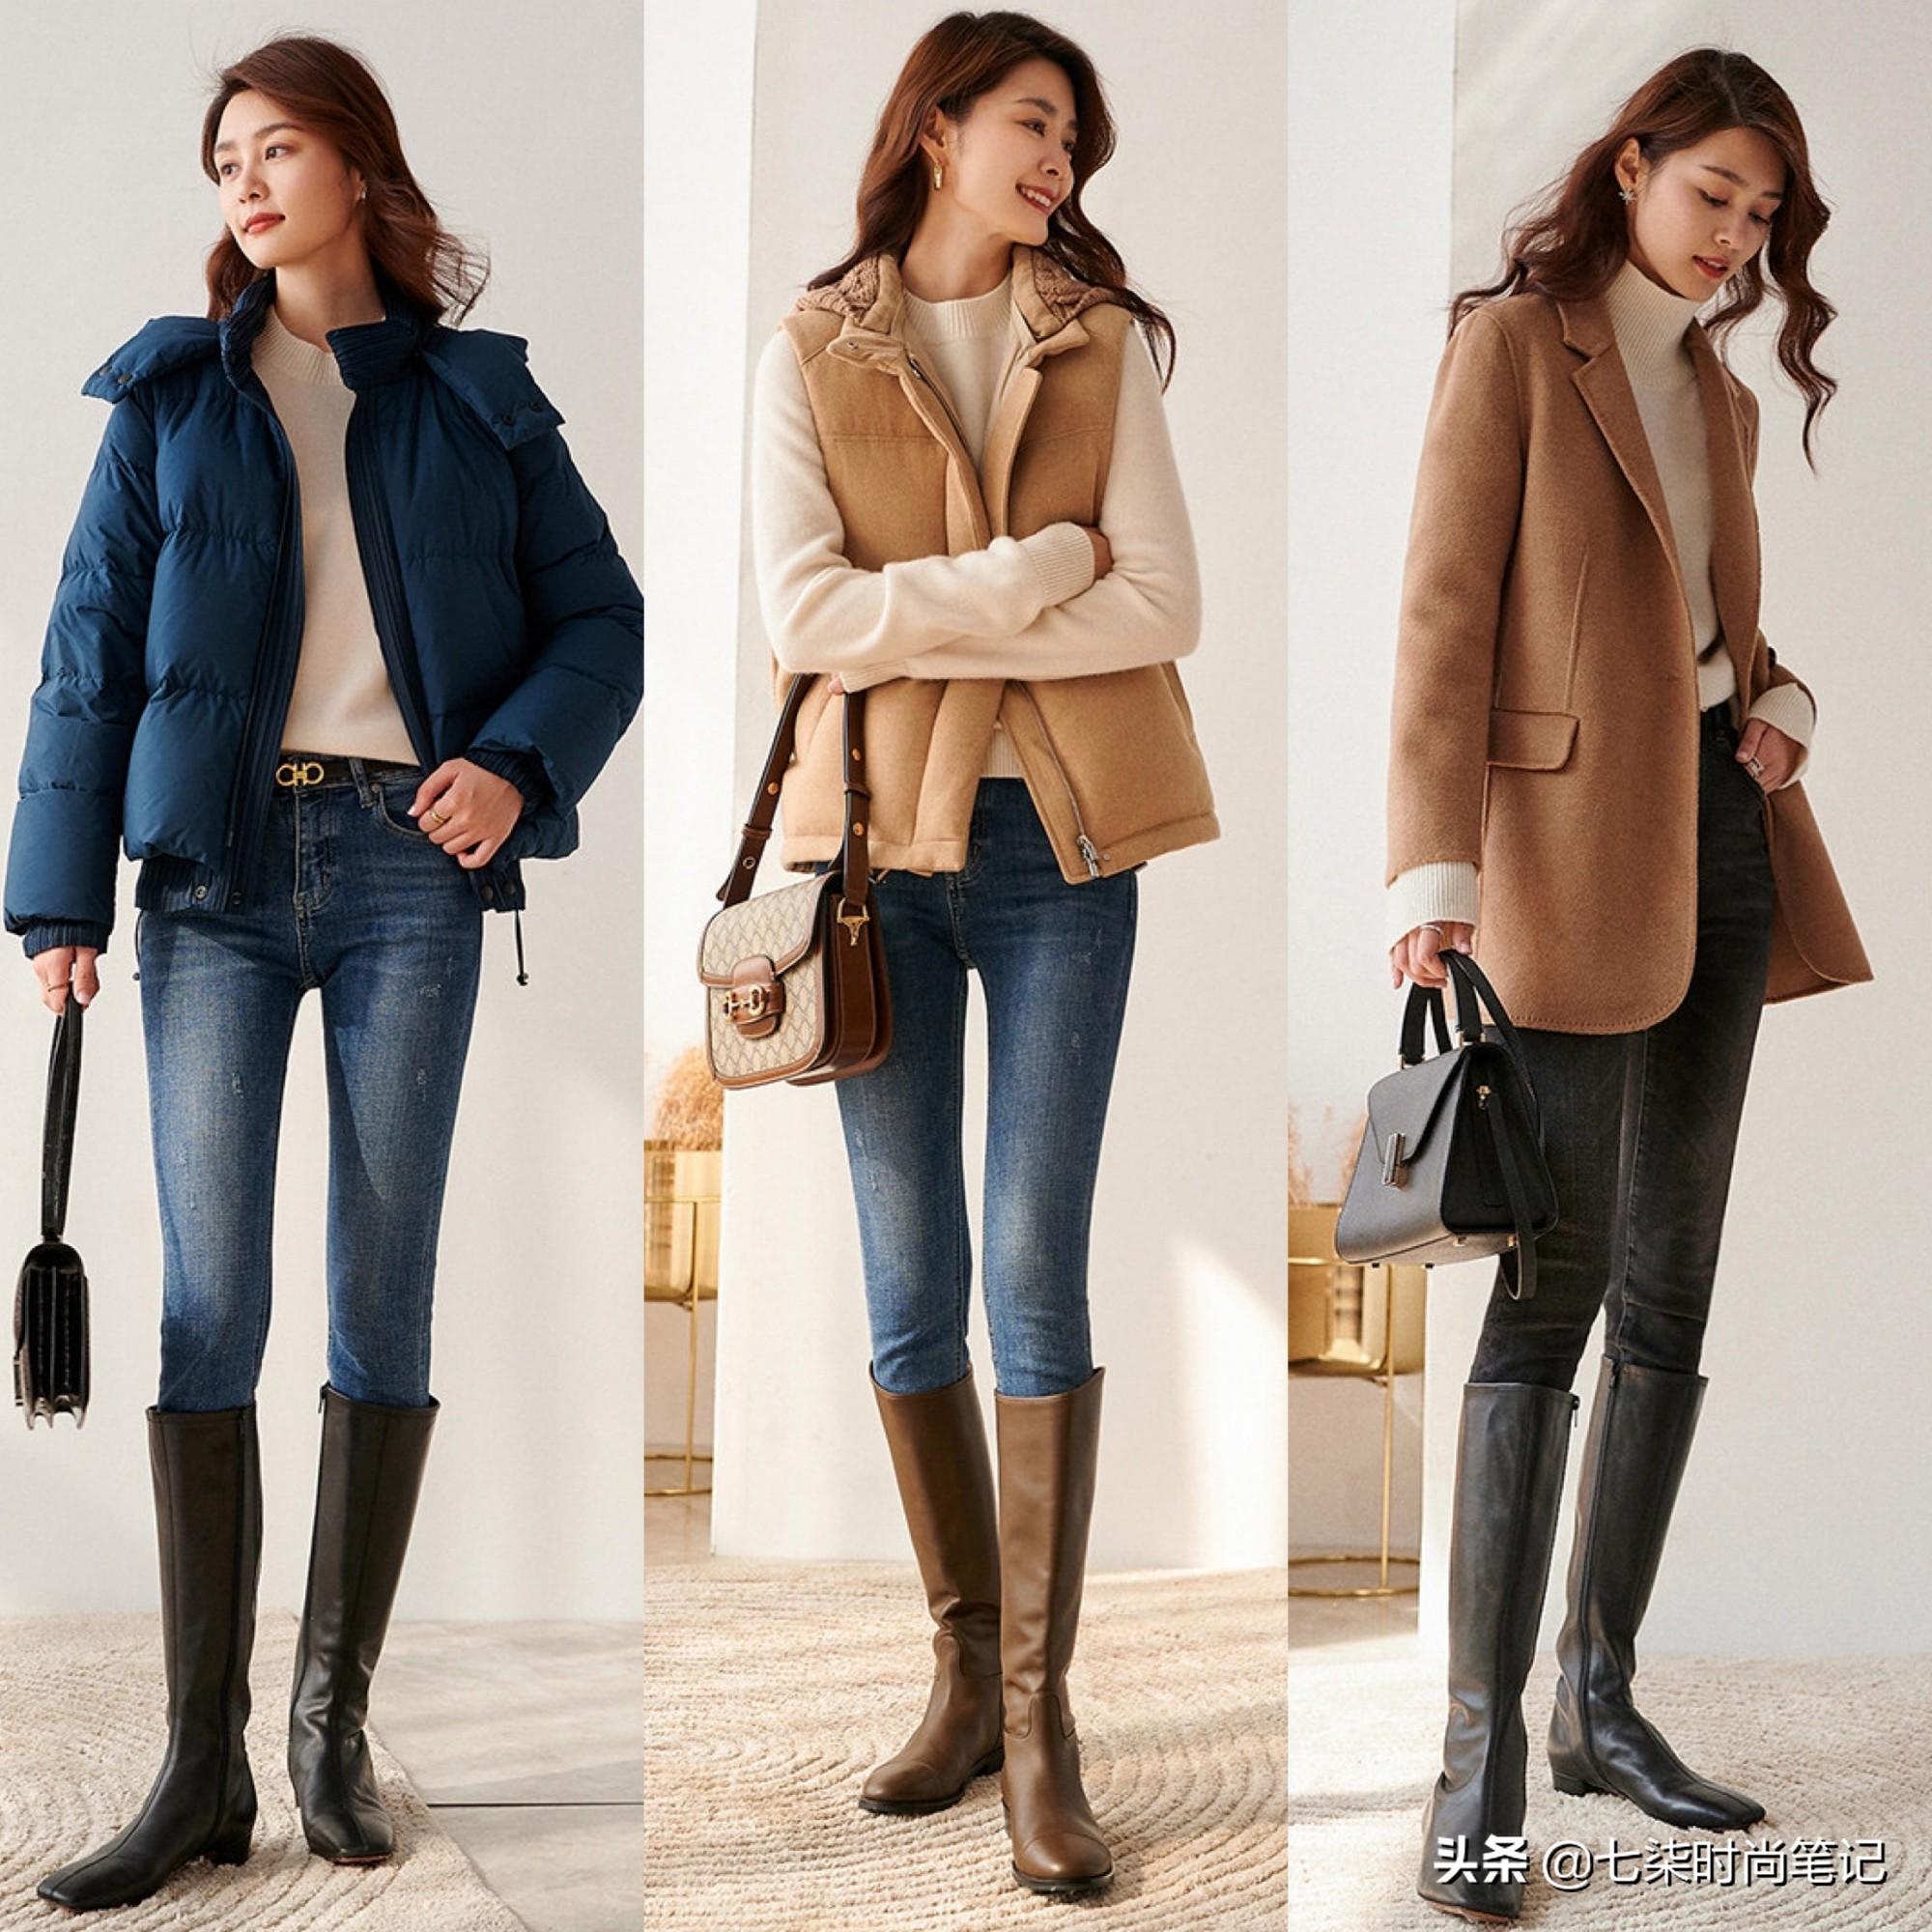 27套輕熟風穿搭模板,基礎款也能簡約不單調,冬末初春就這樣穿